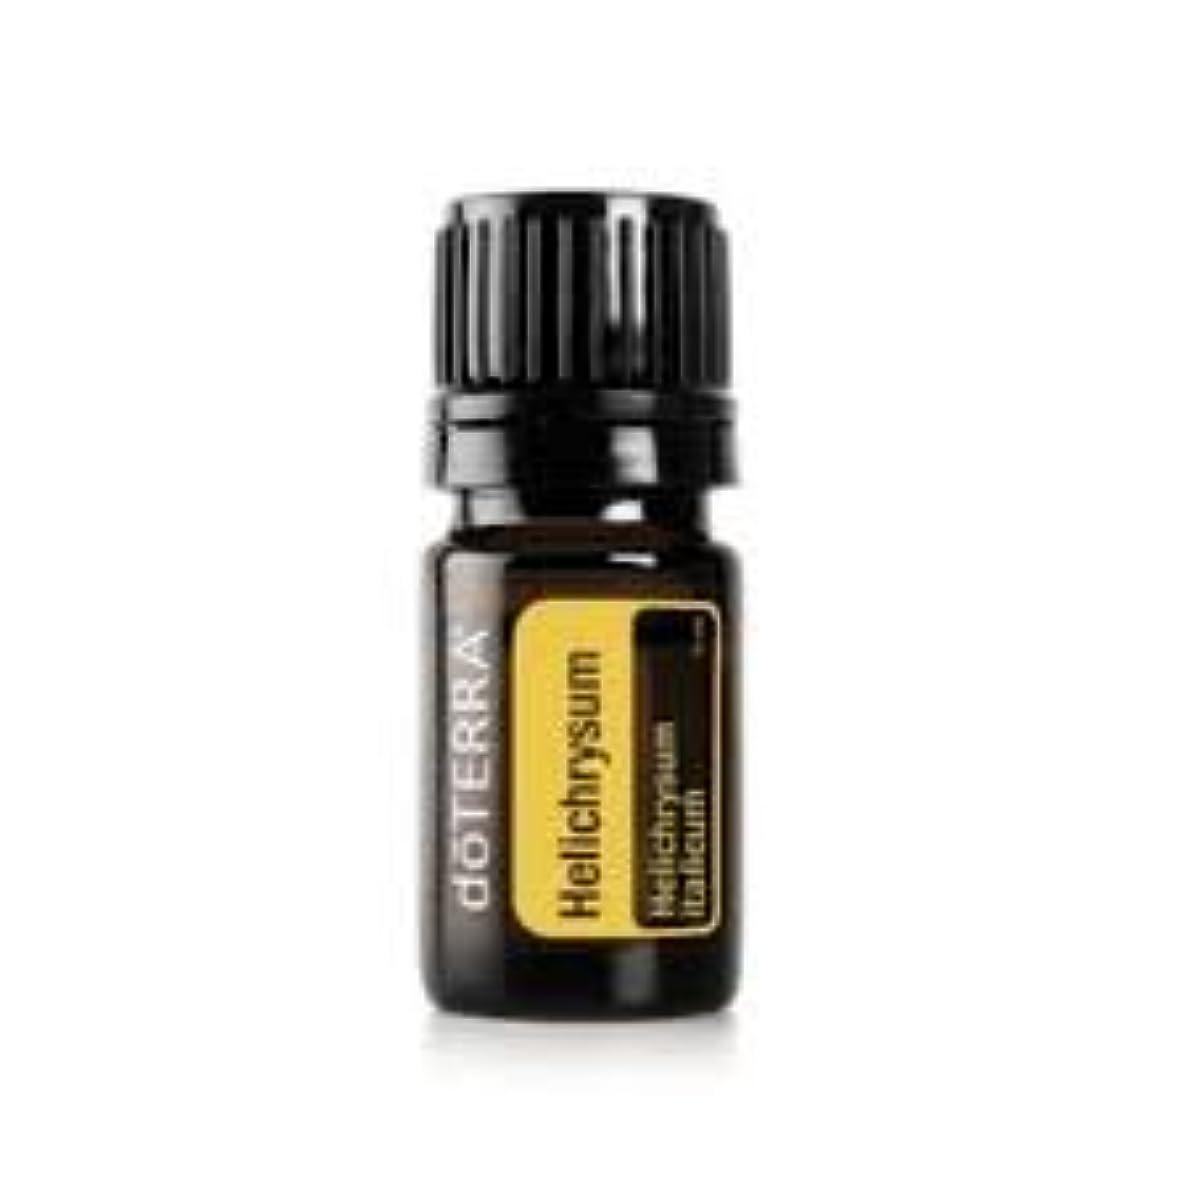 献身発表するモンキーdoTERRA ドテラ ヘリクリサム 5 ml アロマオイル エッセンシャルオイル シングルオイル 精油 ハーブ系 美容系 リラックス